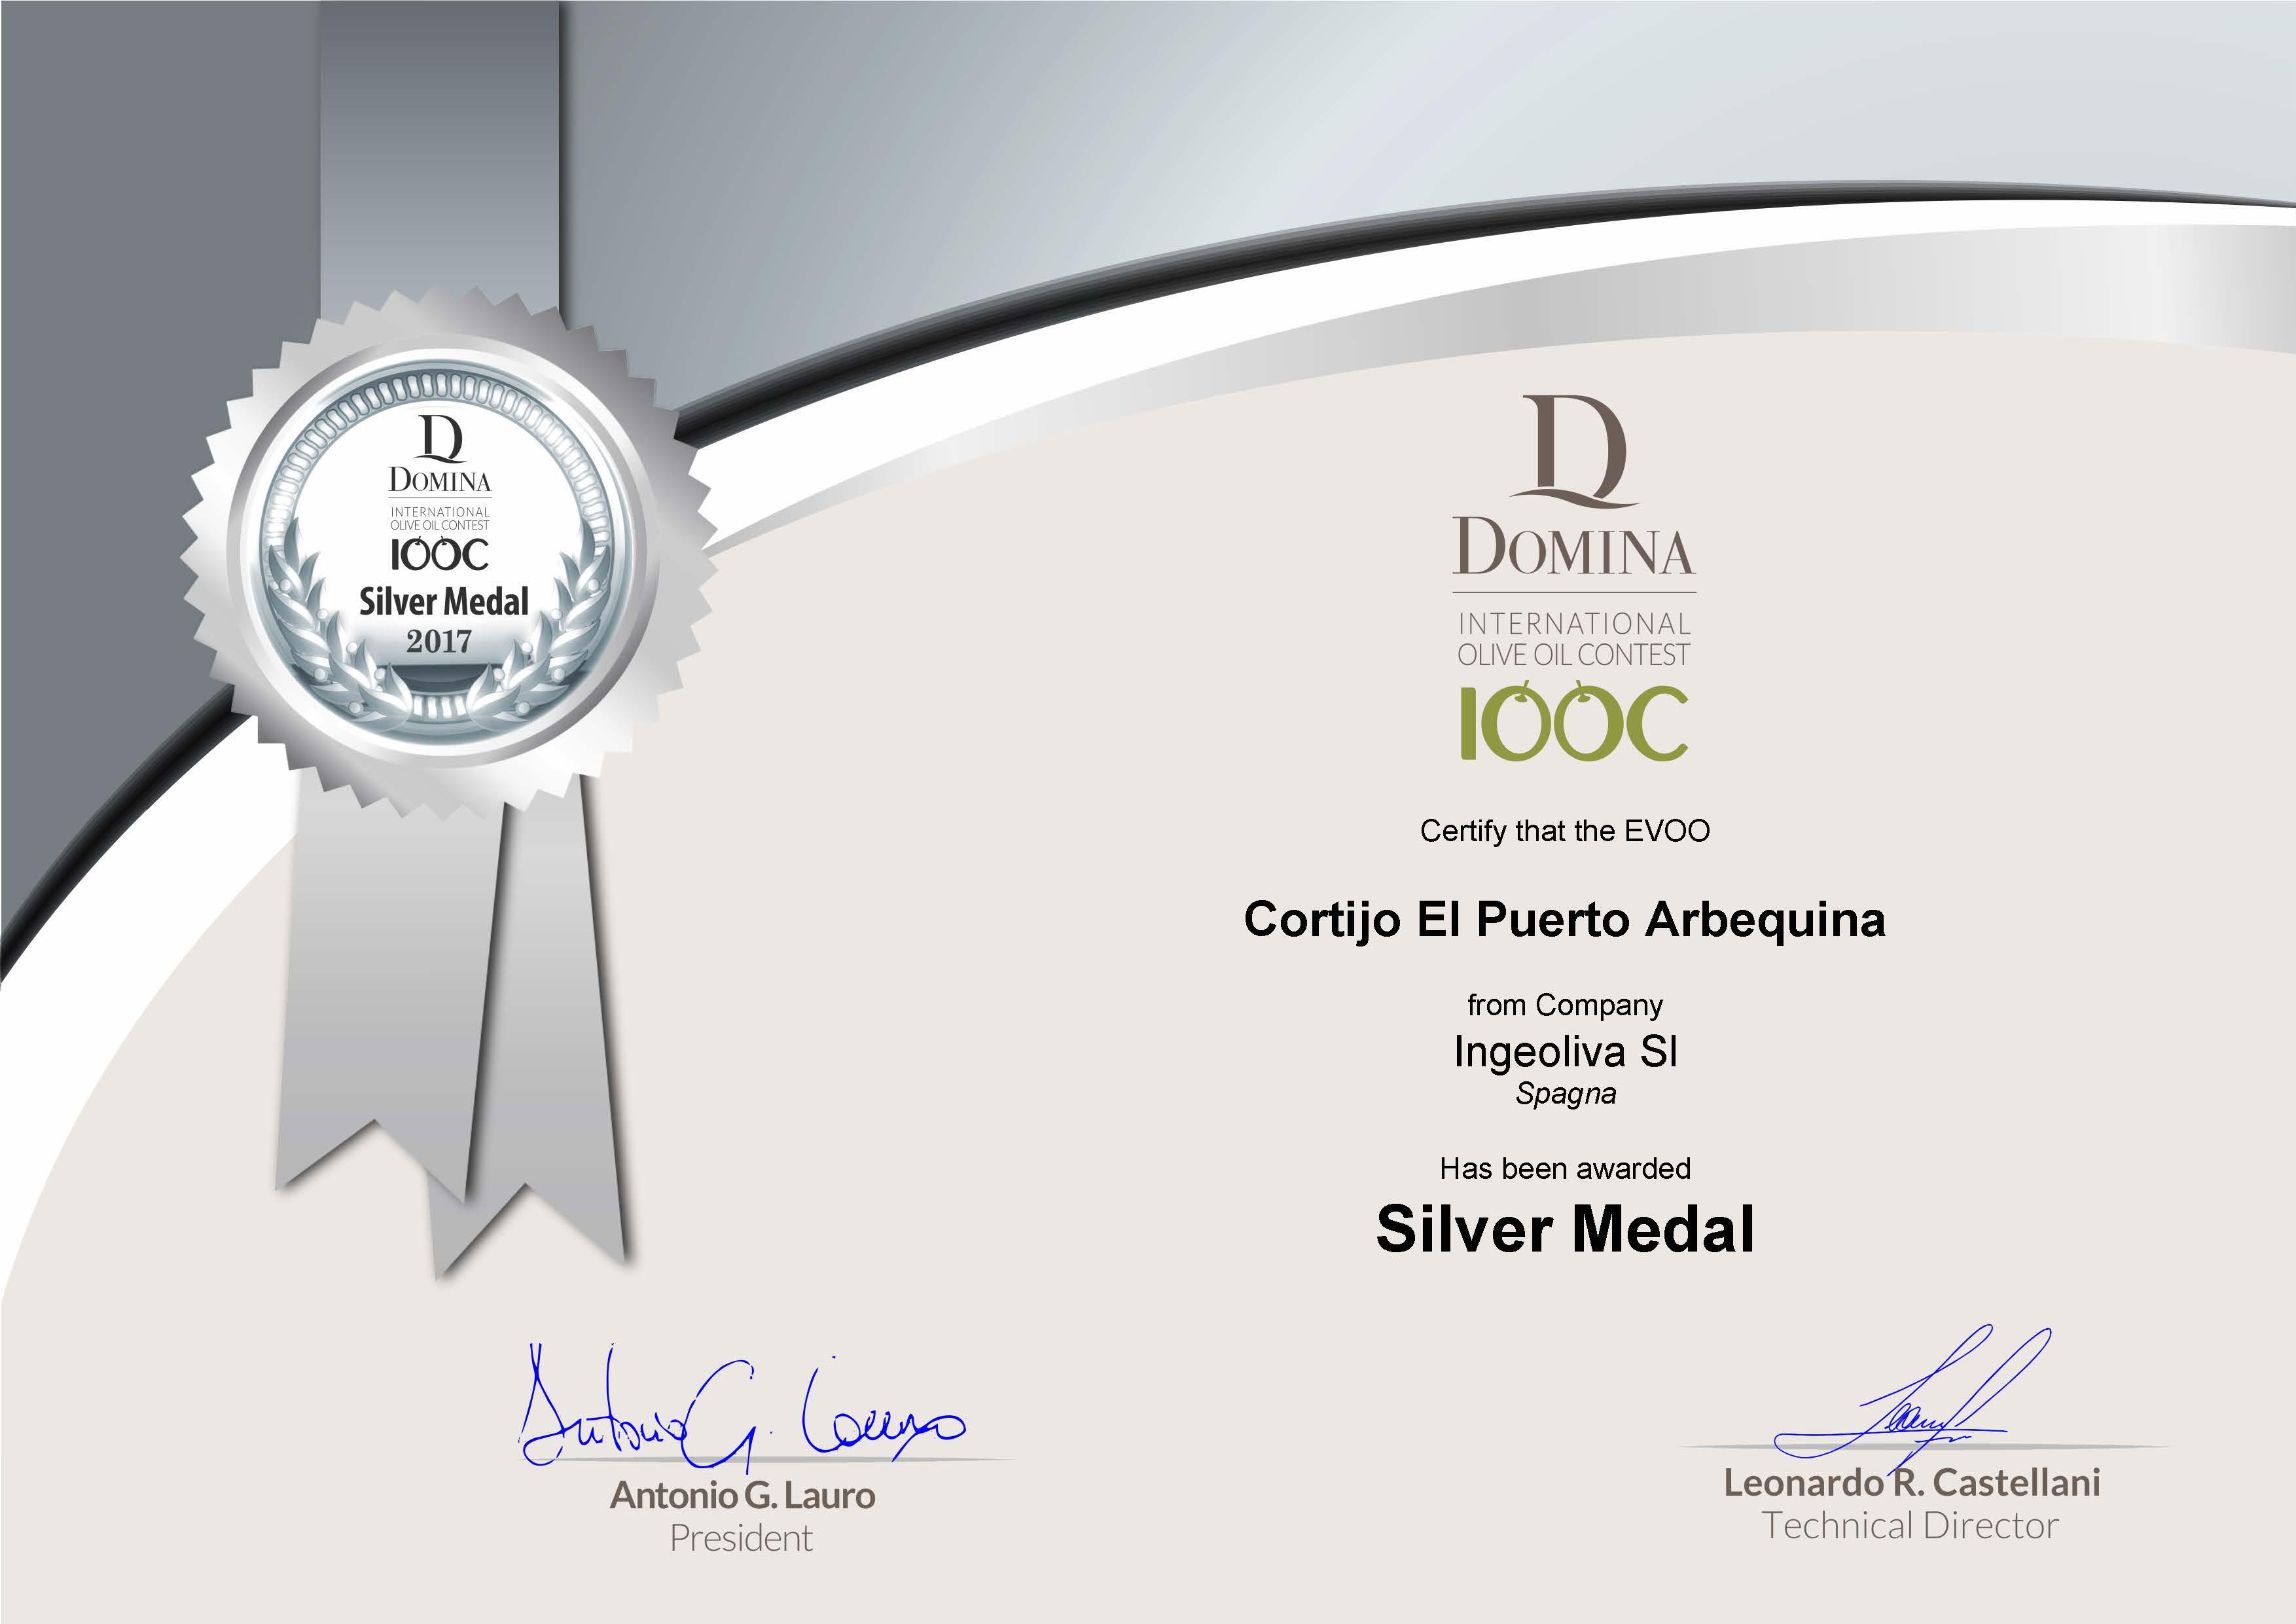 Cortijo el Puerto Arbequina Domina DIOOC Silver Medal